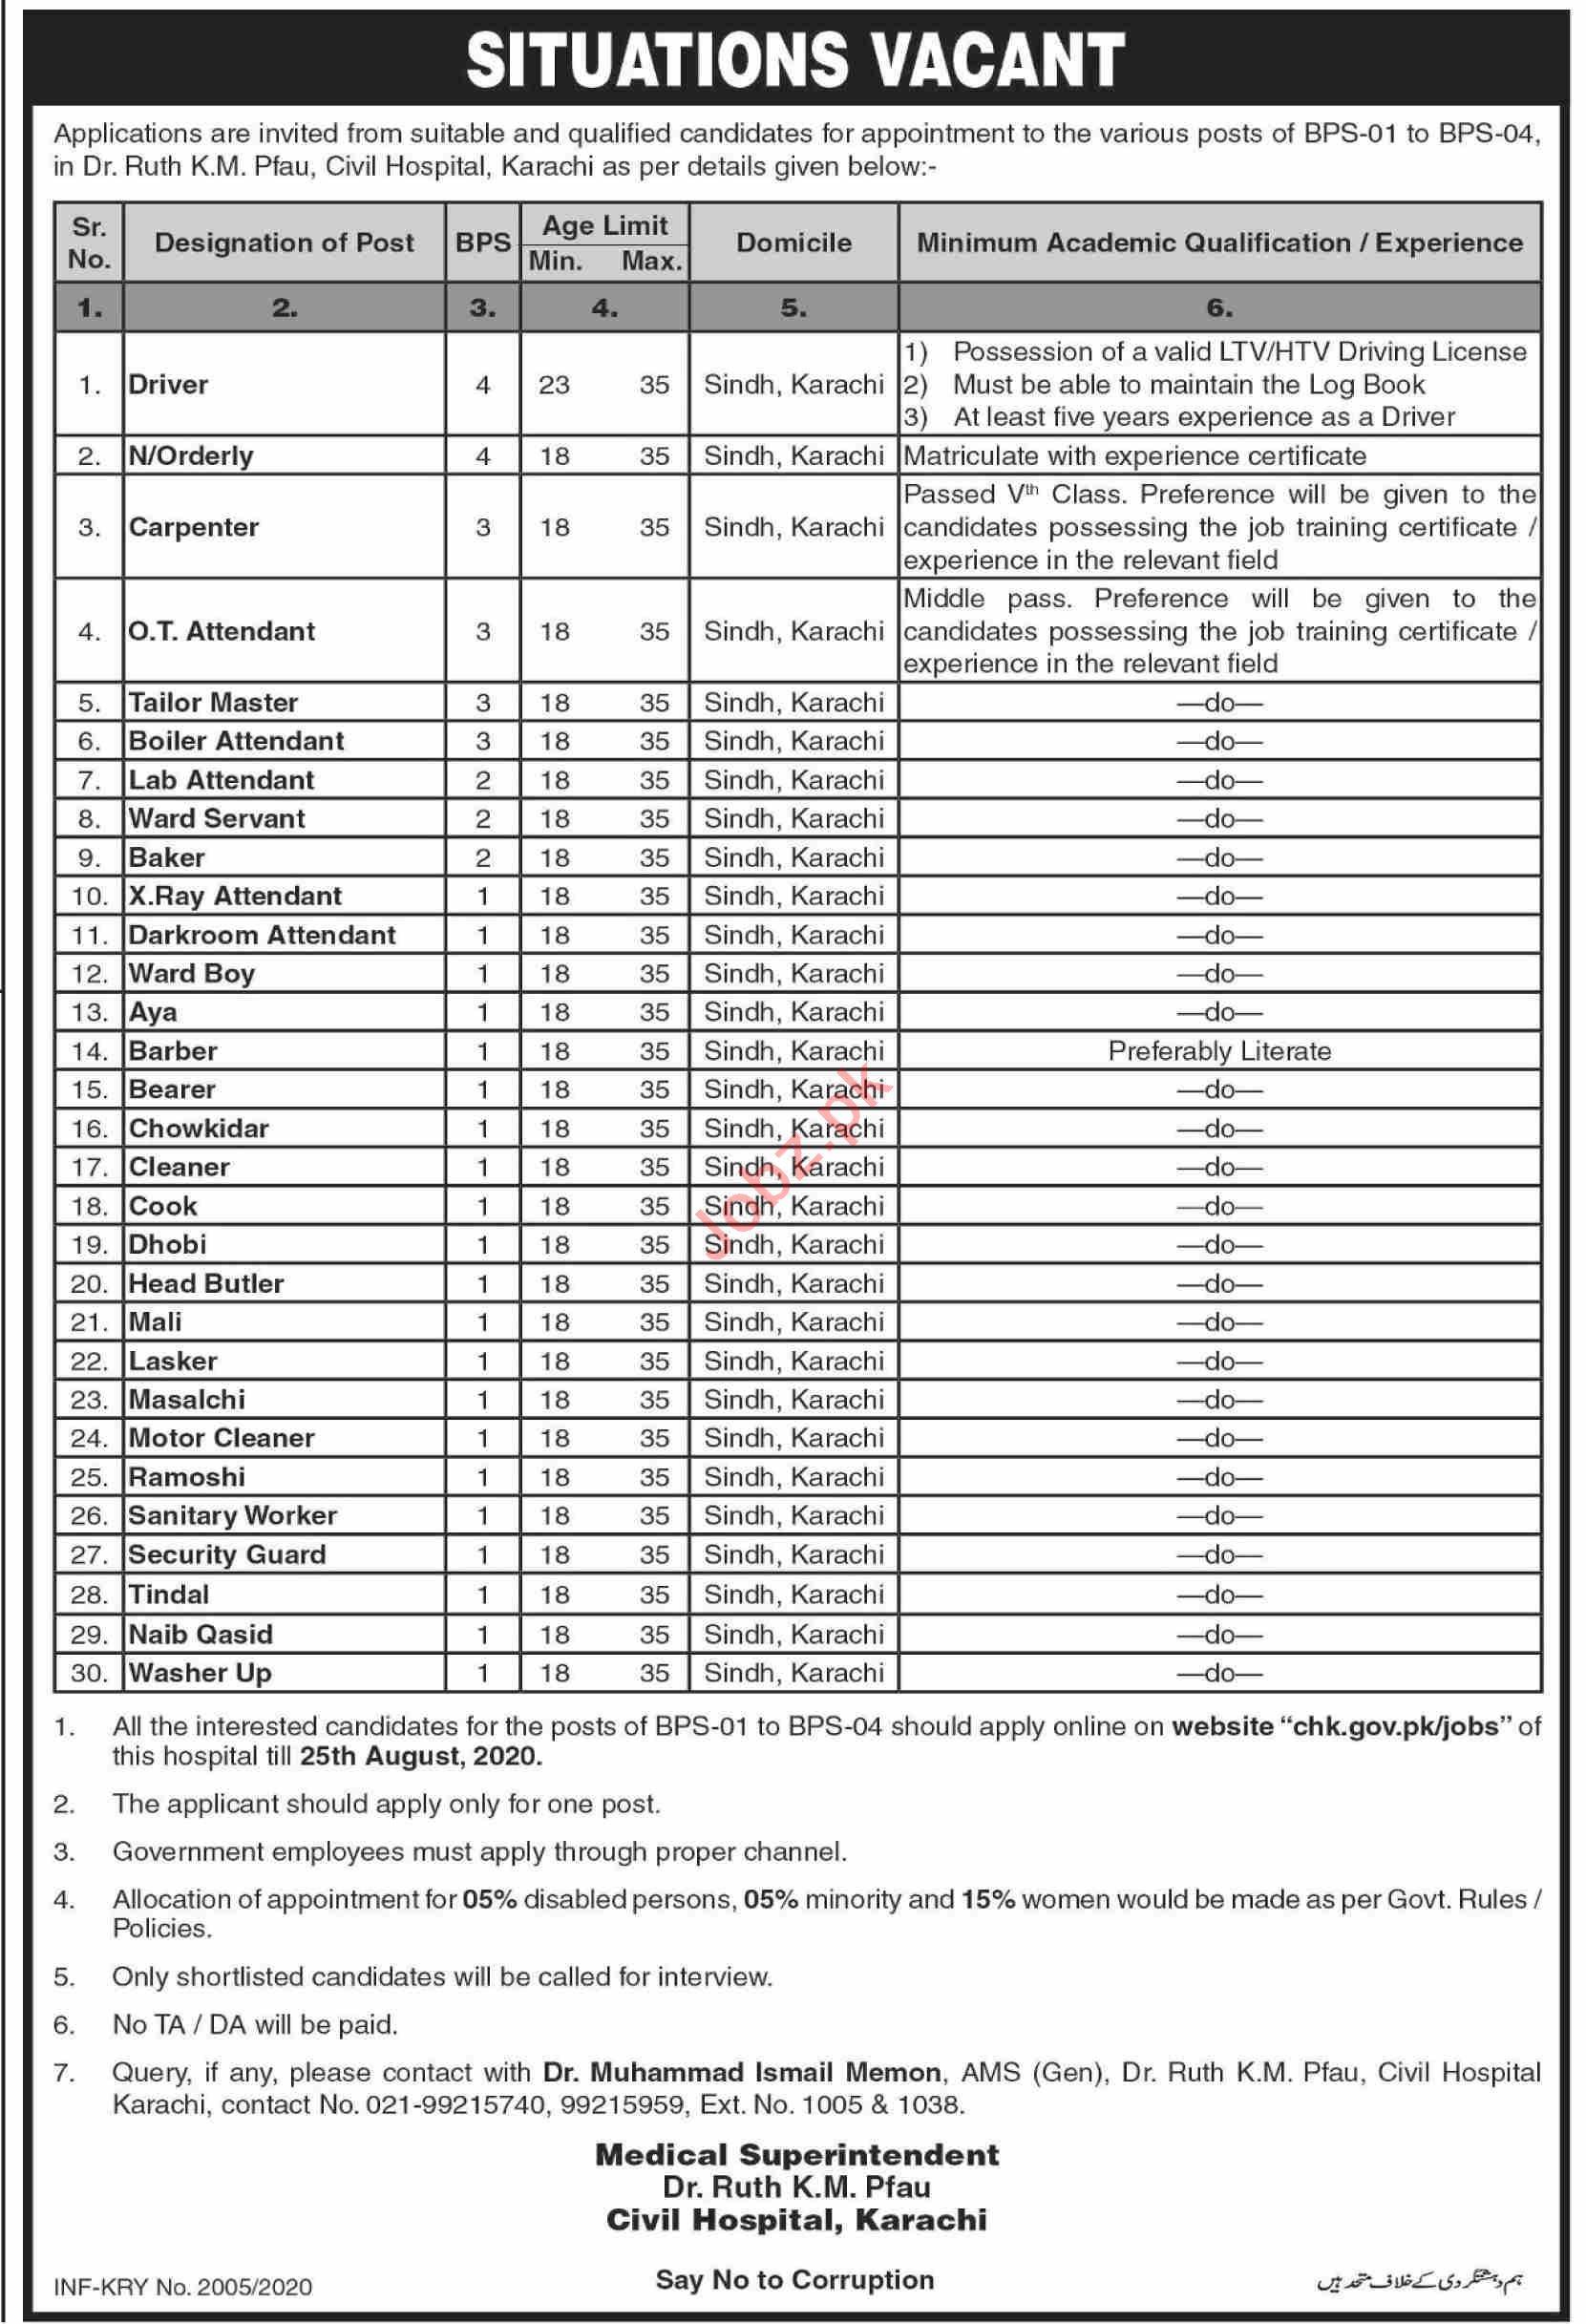 Dr Ruth Pfau Civil Hospital Karachi Jobs 2020